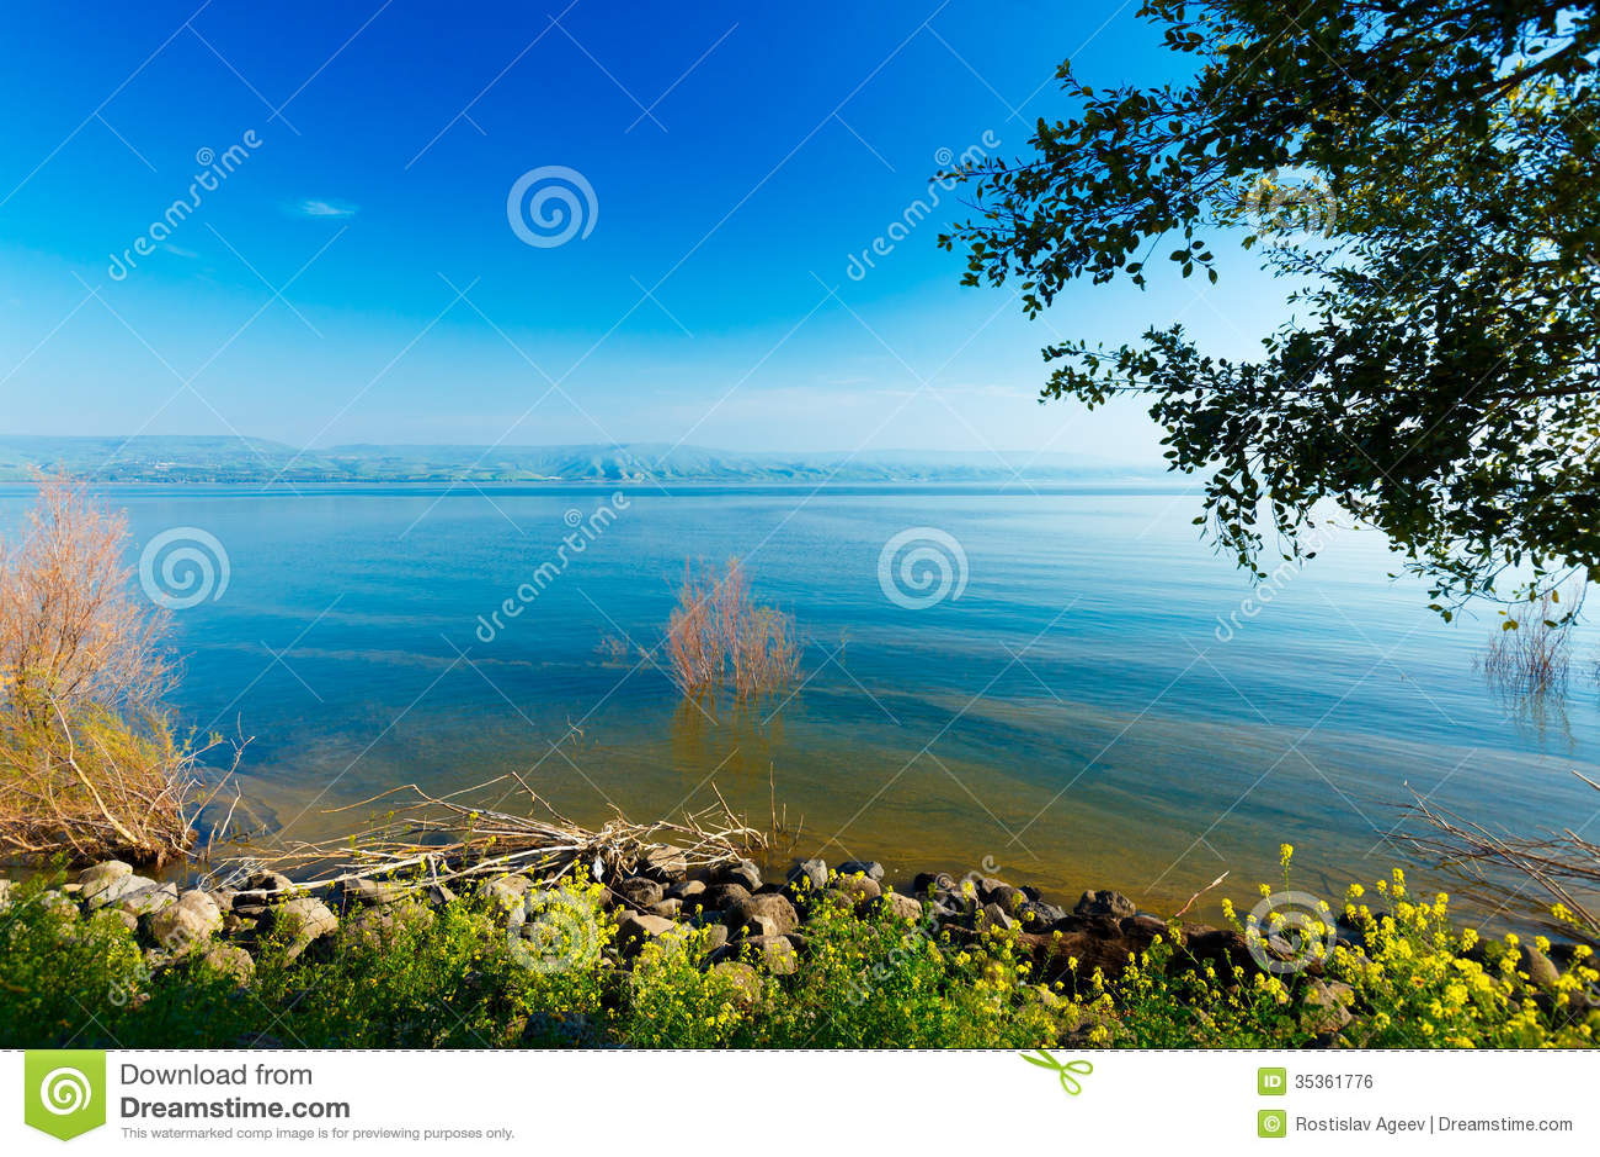 Paesaggio del lago kinneret mare della galilea for Planimetrie della cabina del lago